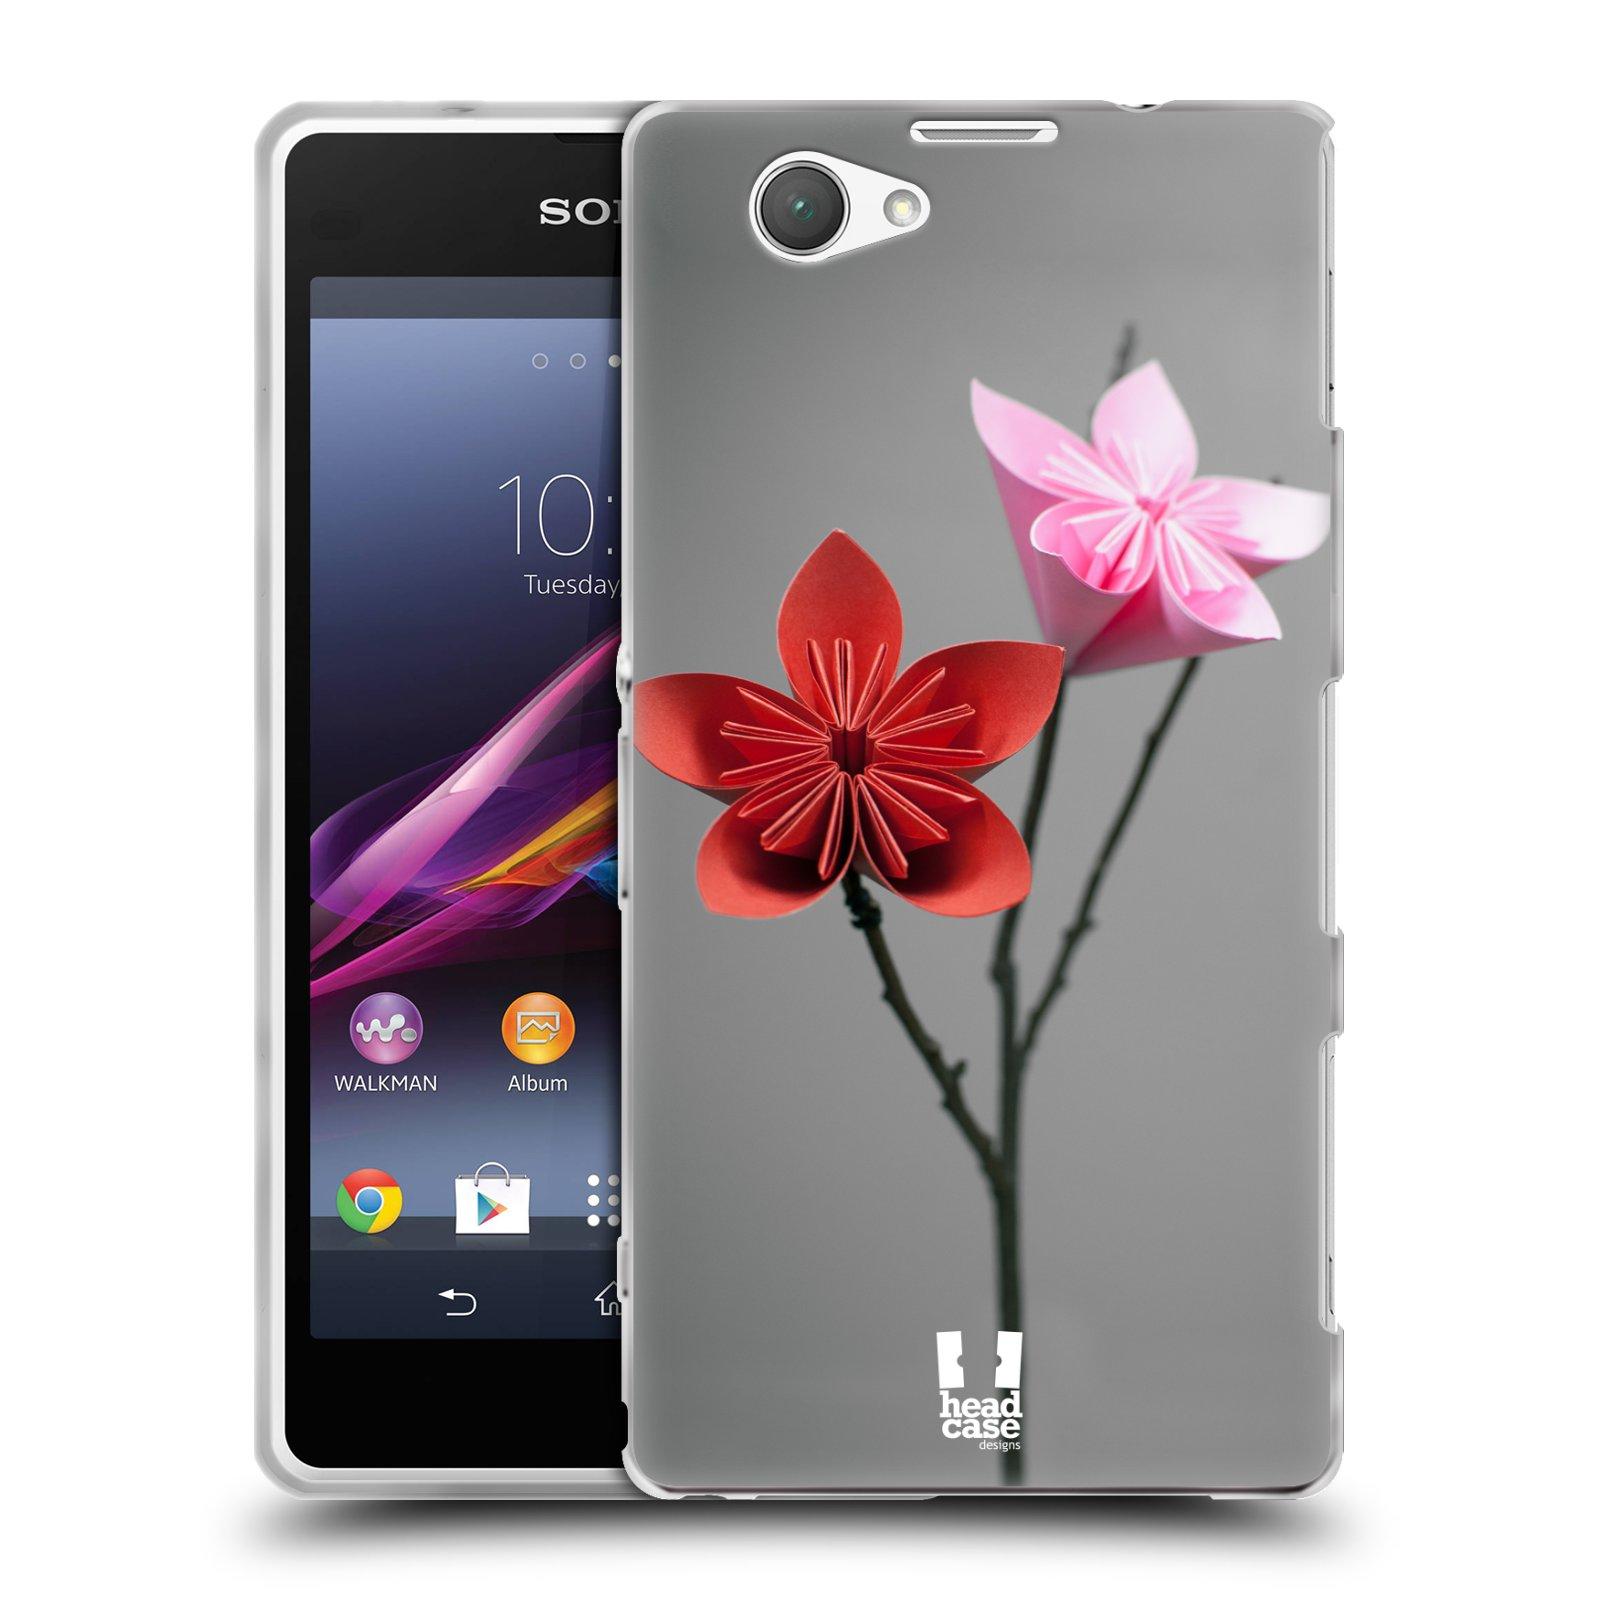 Silikonové pouzdro na mobil Sony Xperia Z1 Compact D5503 HEAD CASE KUSUDAMA (Silikonový kryt či obal na mobilní telefon Sony Xperia Z1 Compact)